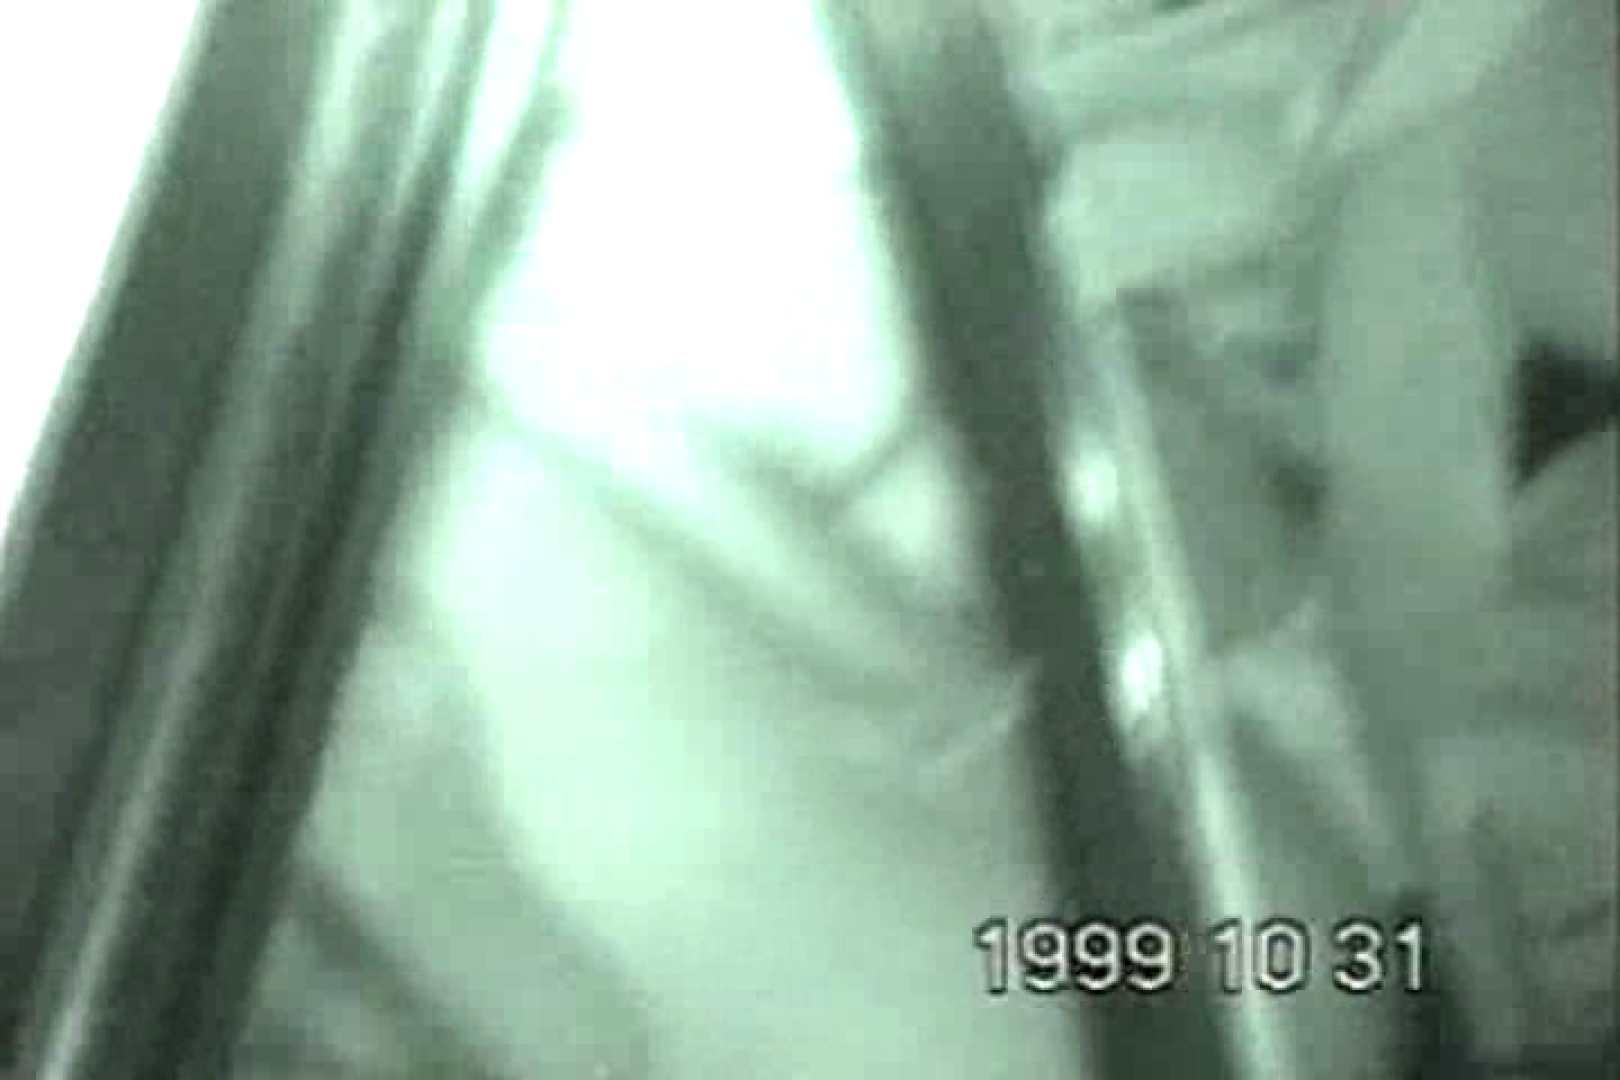 蔵出し!!赤外線カーセックスVol.6 セックス流出映像 盗撮動画紹介 108連発 10